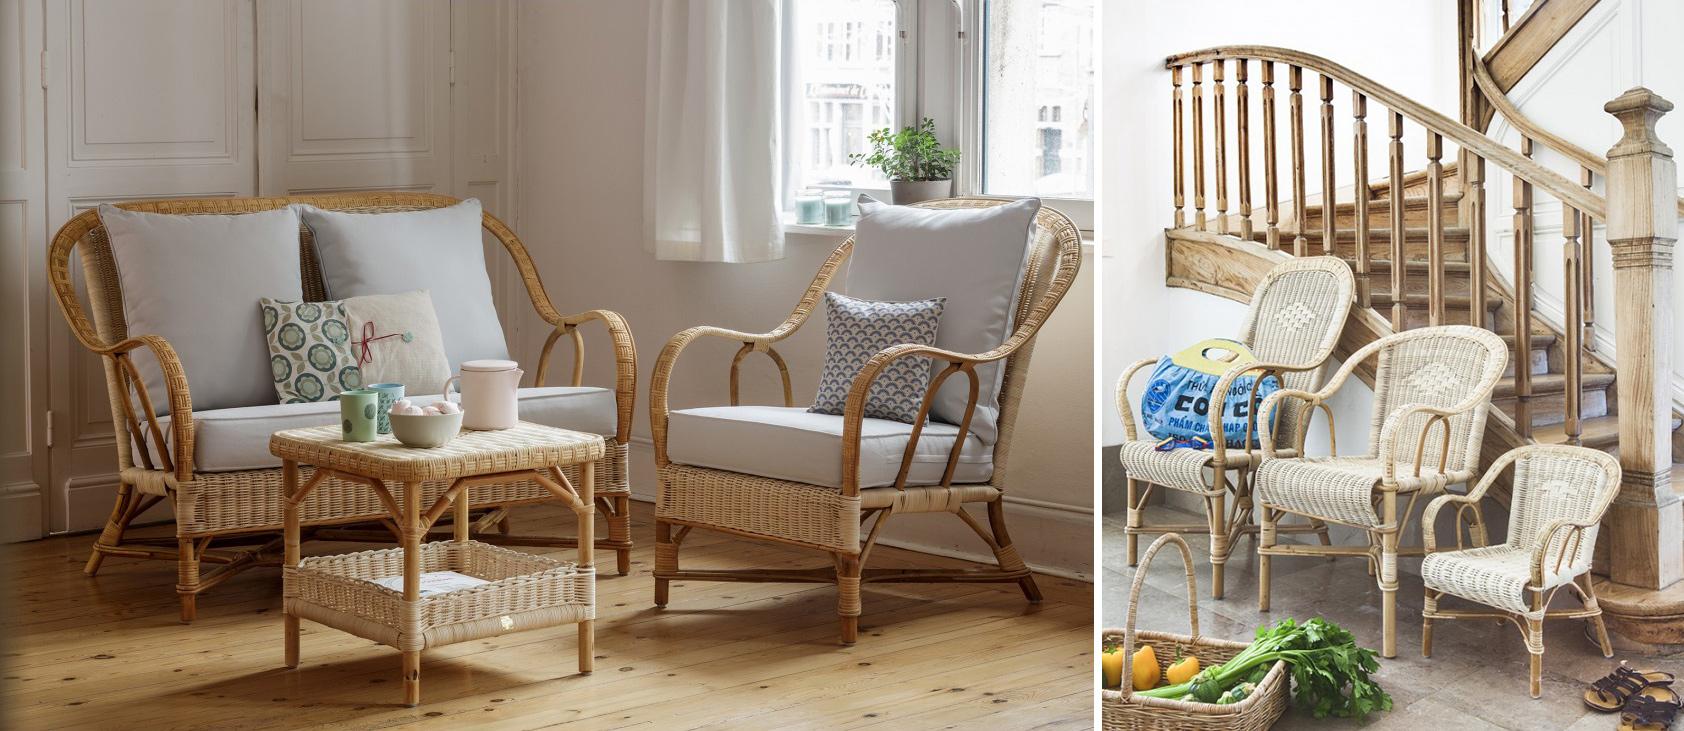 Meubles en rotin canapé et fauteuils